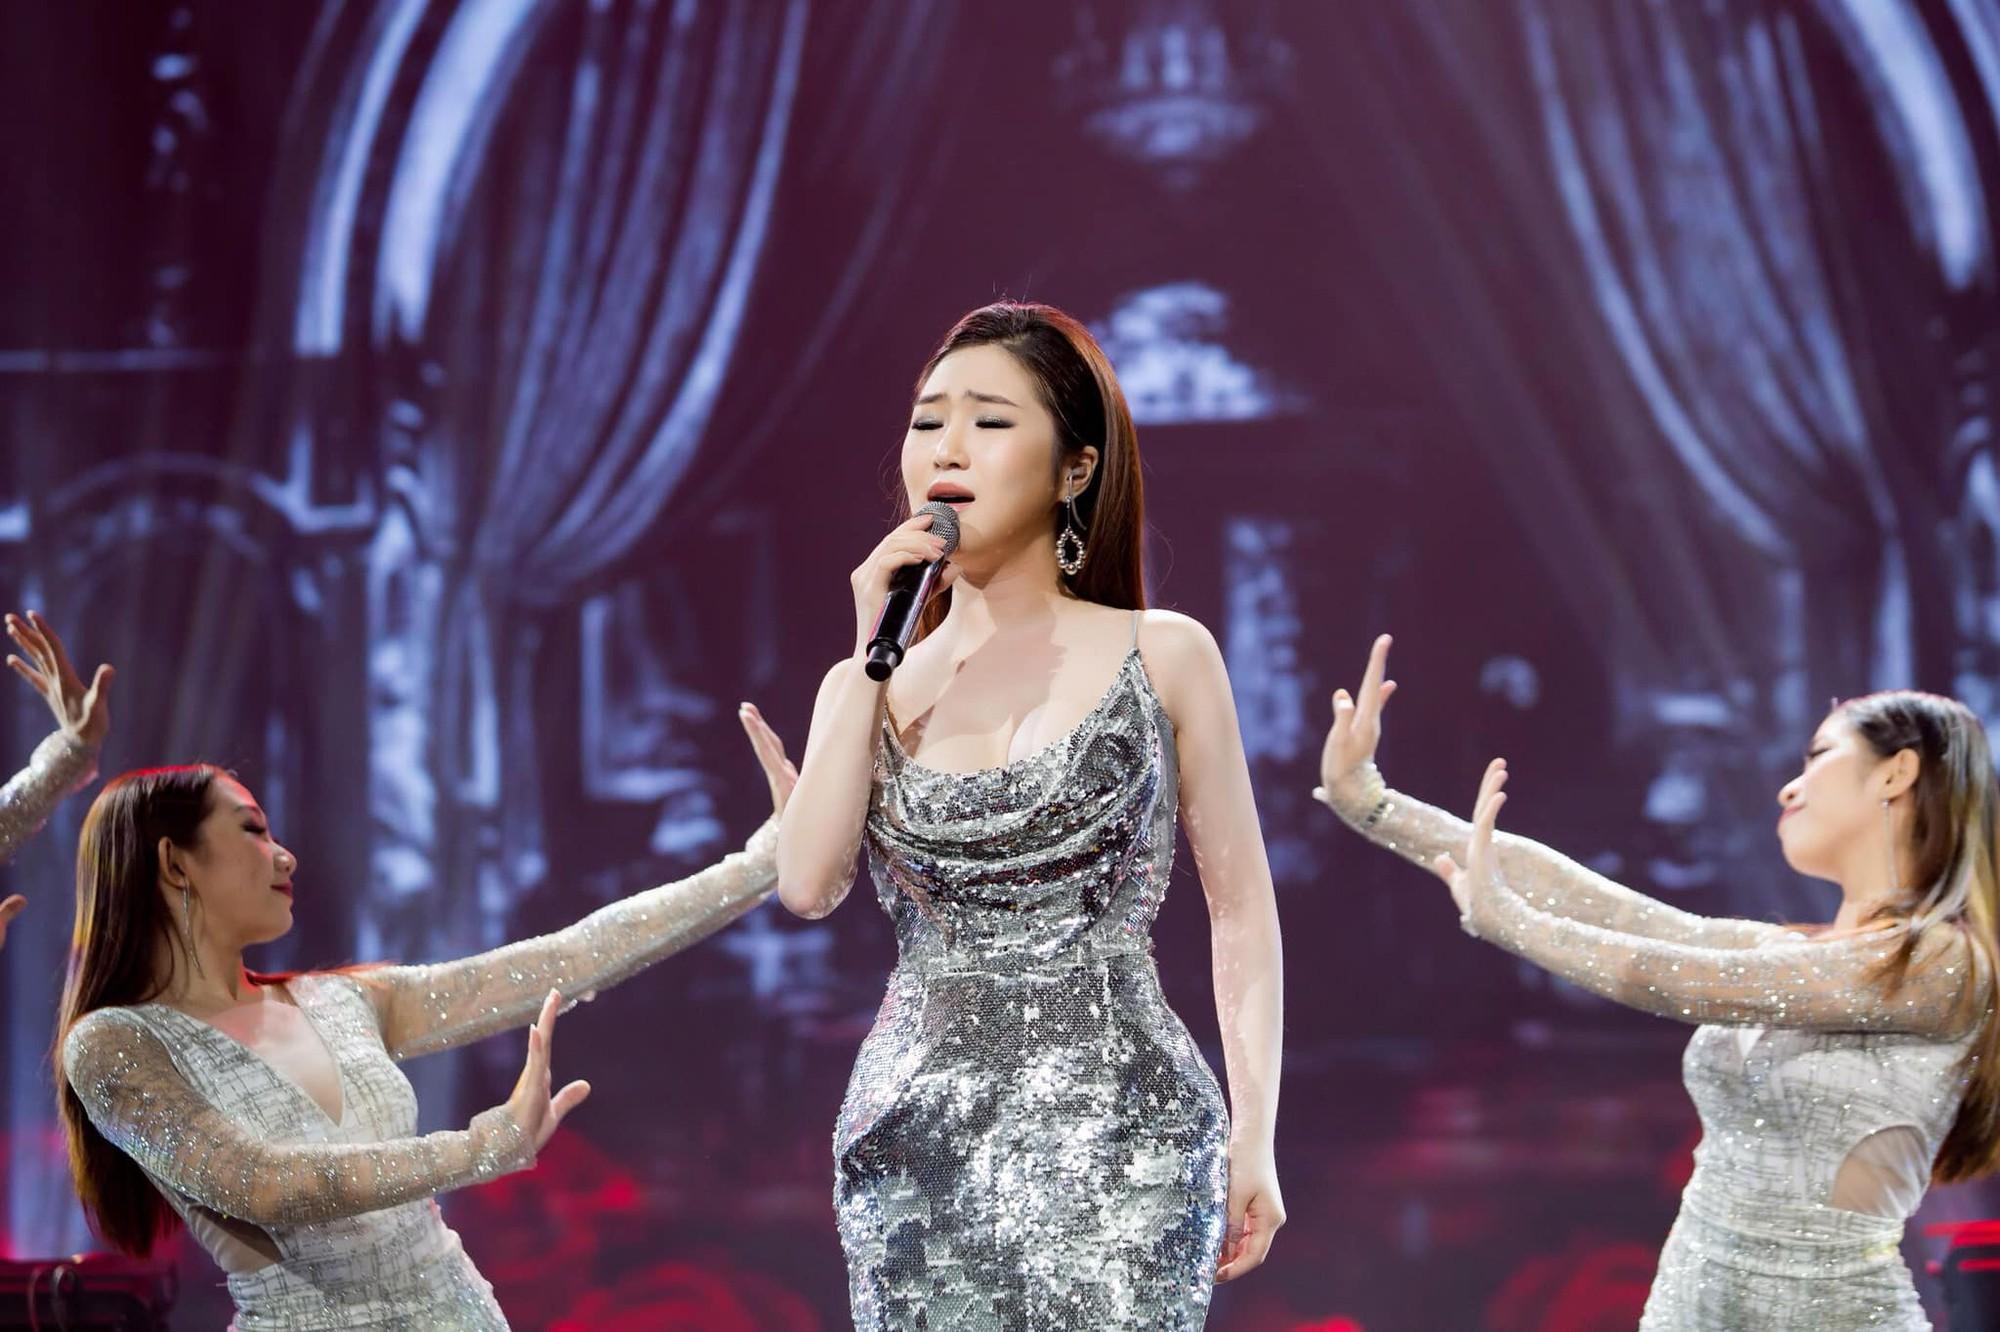 Hương Tràm nhận show hát ở Mỹ nhưng chiếc váy tuyệt đẹp cô mặc lại khiến người nhiều bất ngờ  - Ảnh 6.